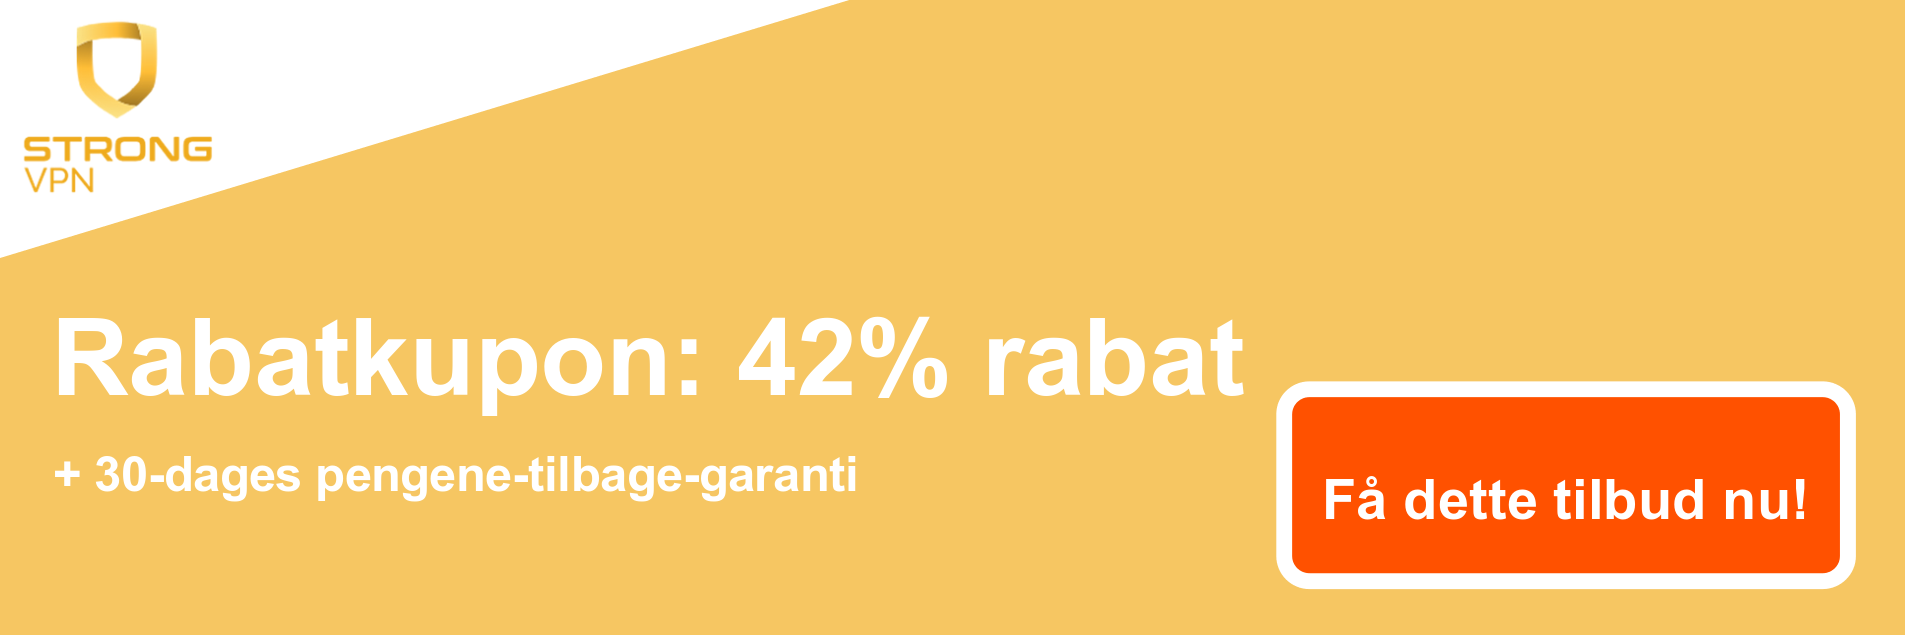 StrongVPN-kuponbanner - 42% rabat